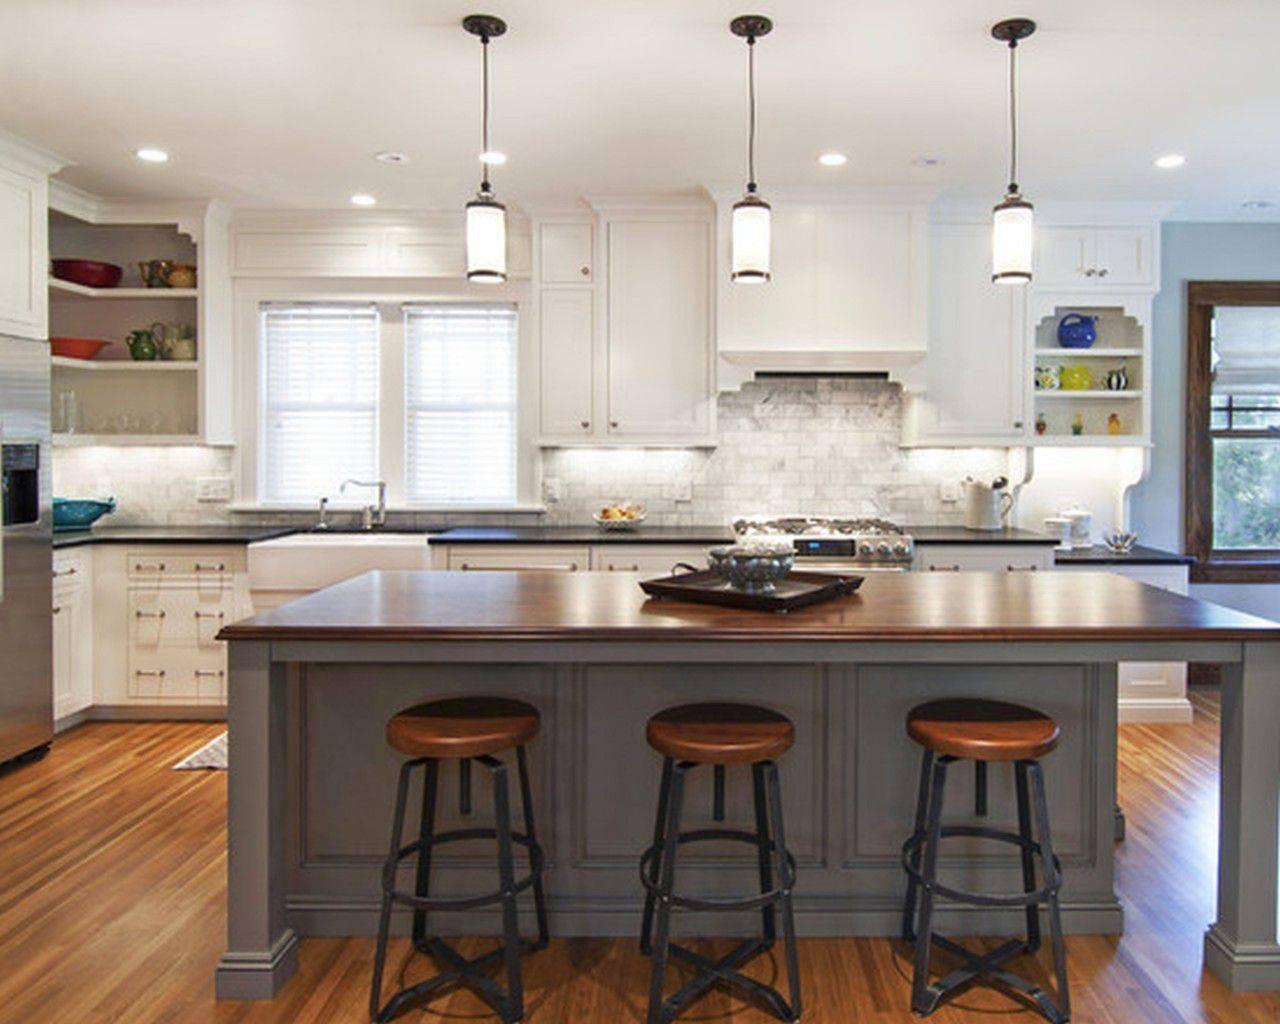 Breakfast Bar Pendant Lights Led Kitchen Lighting Island Ceiling Intended For Pendant Lighting For Island (View 4 of 15)